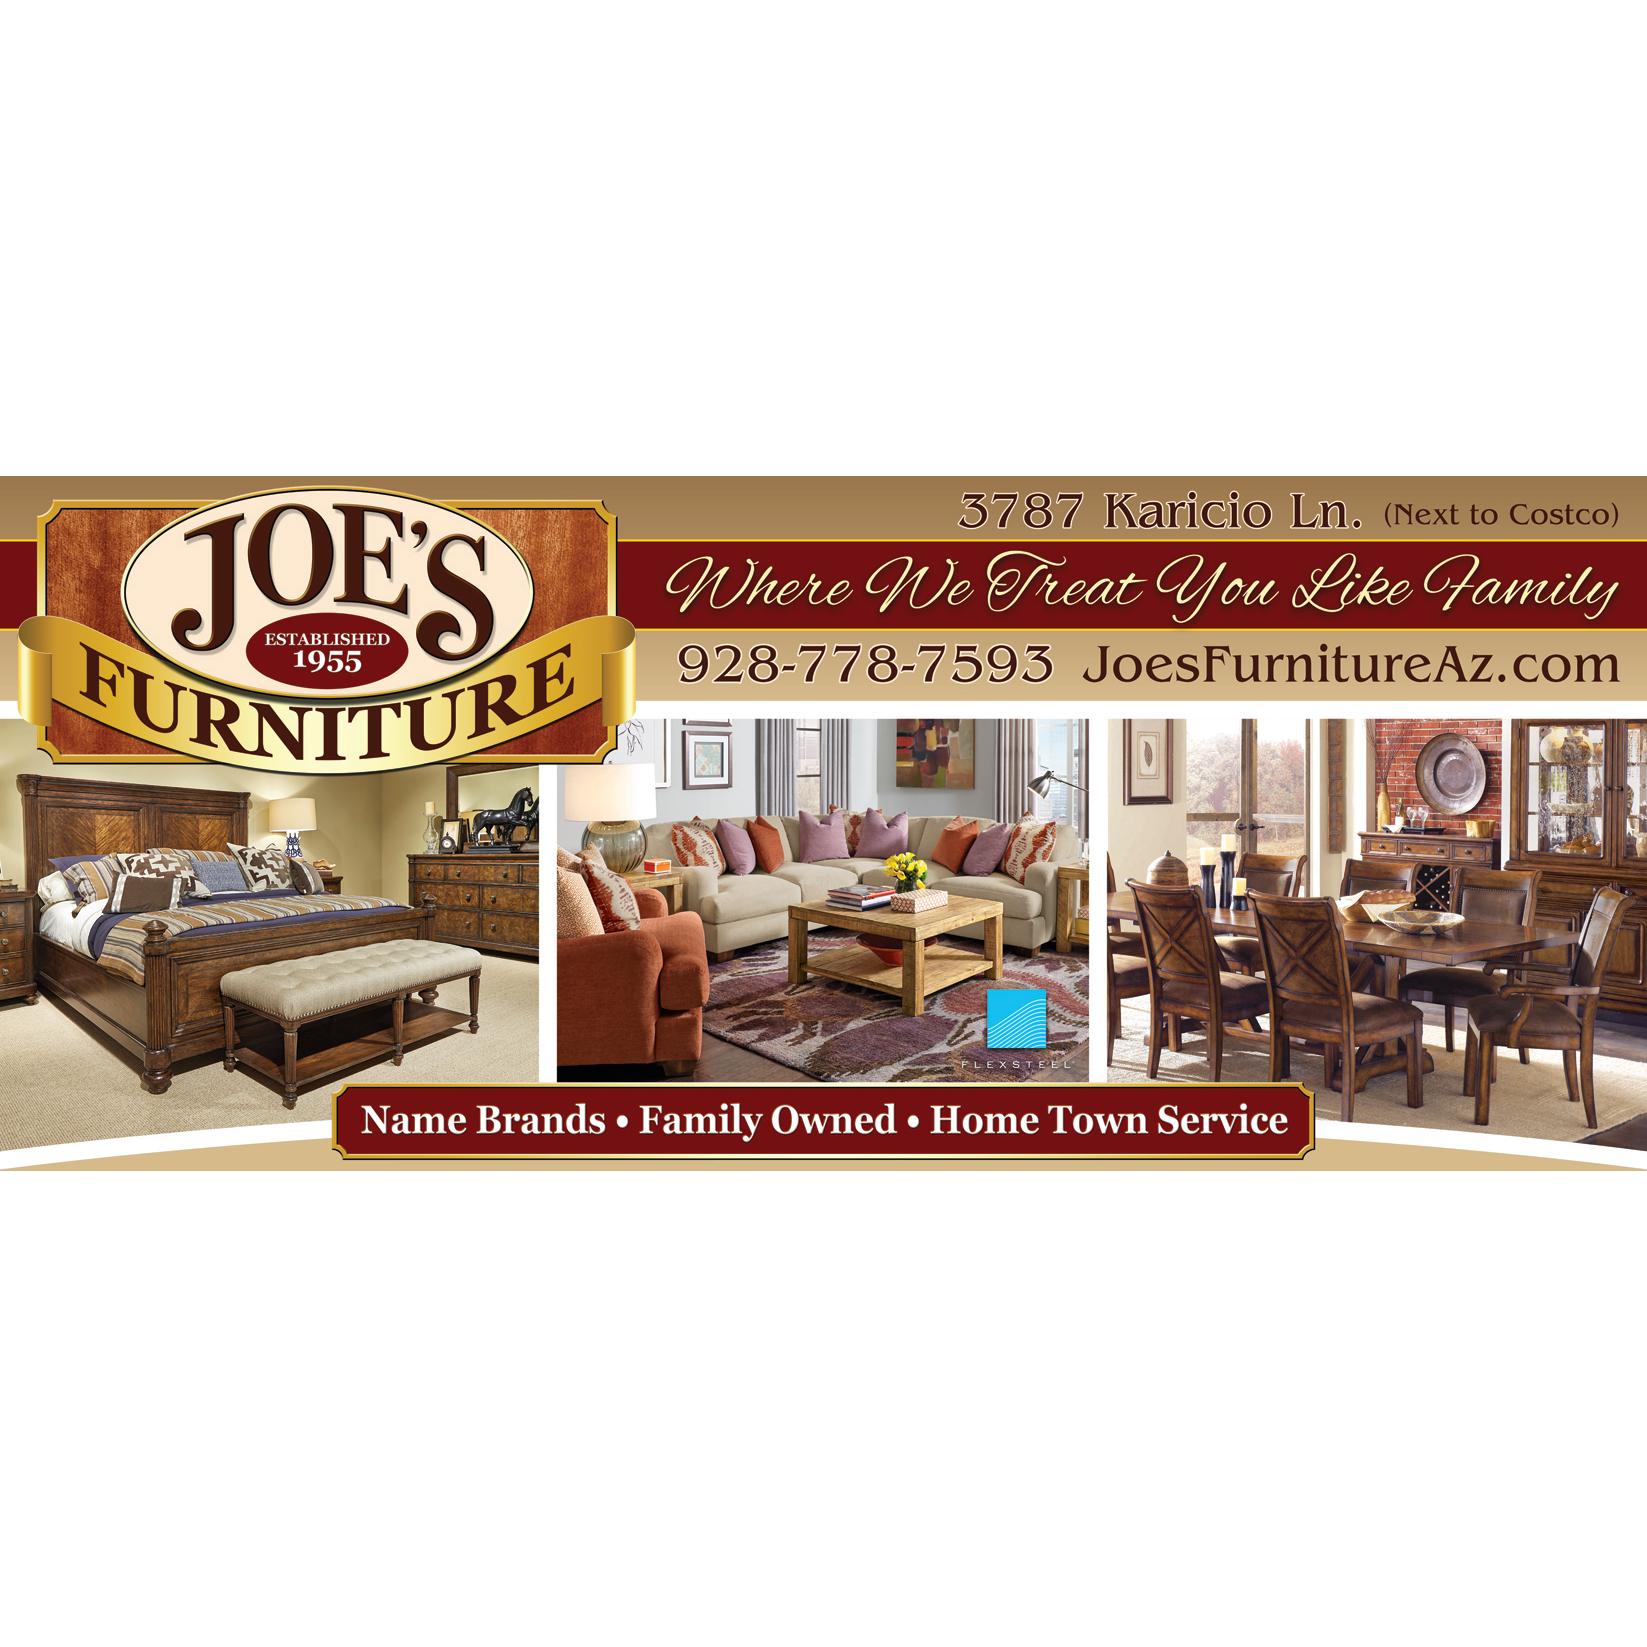 Joe 39 s furniture coupons near me in prescott 8coupons for K furniture near me